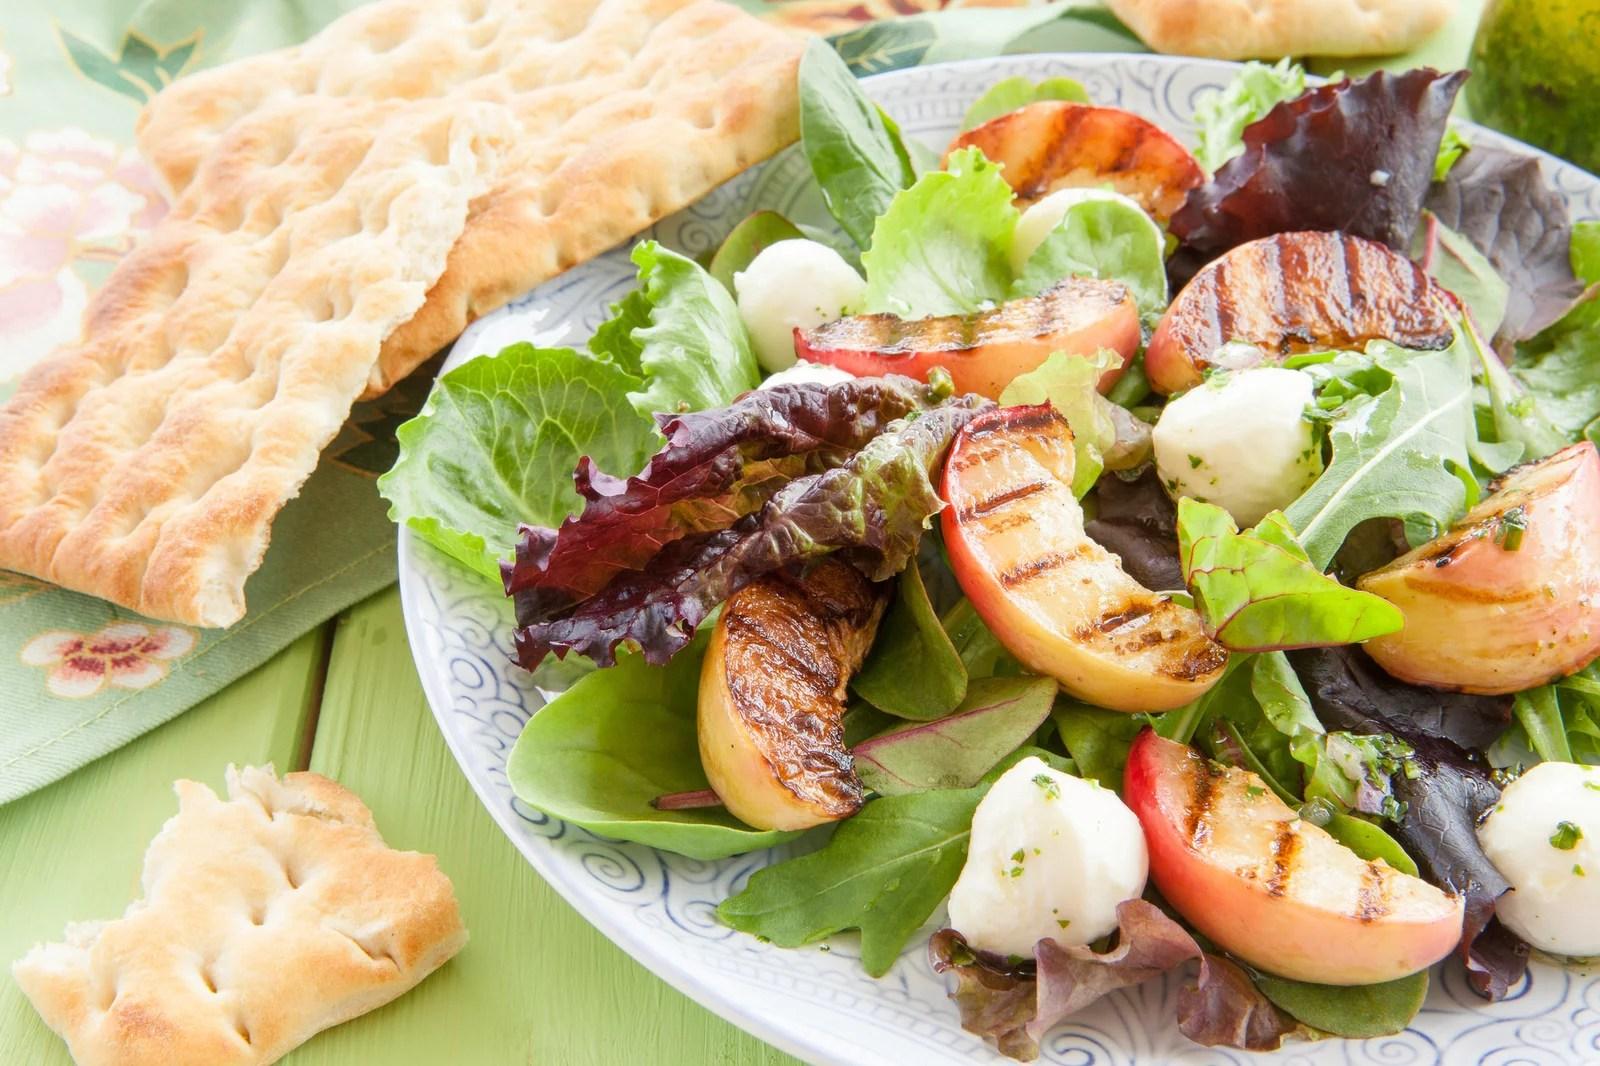 Lecker-gesunde Salat-Rezepte mit Vitamin B12 und Folsäure